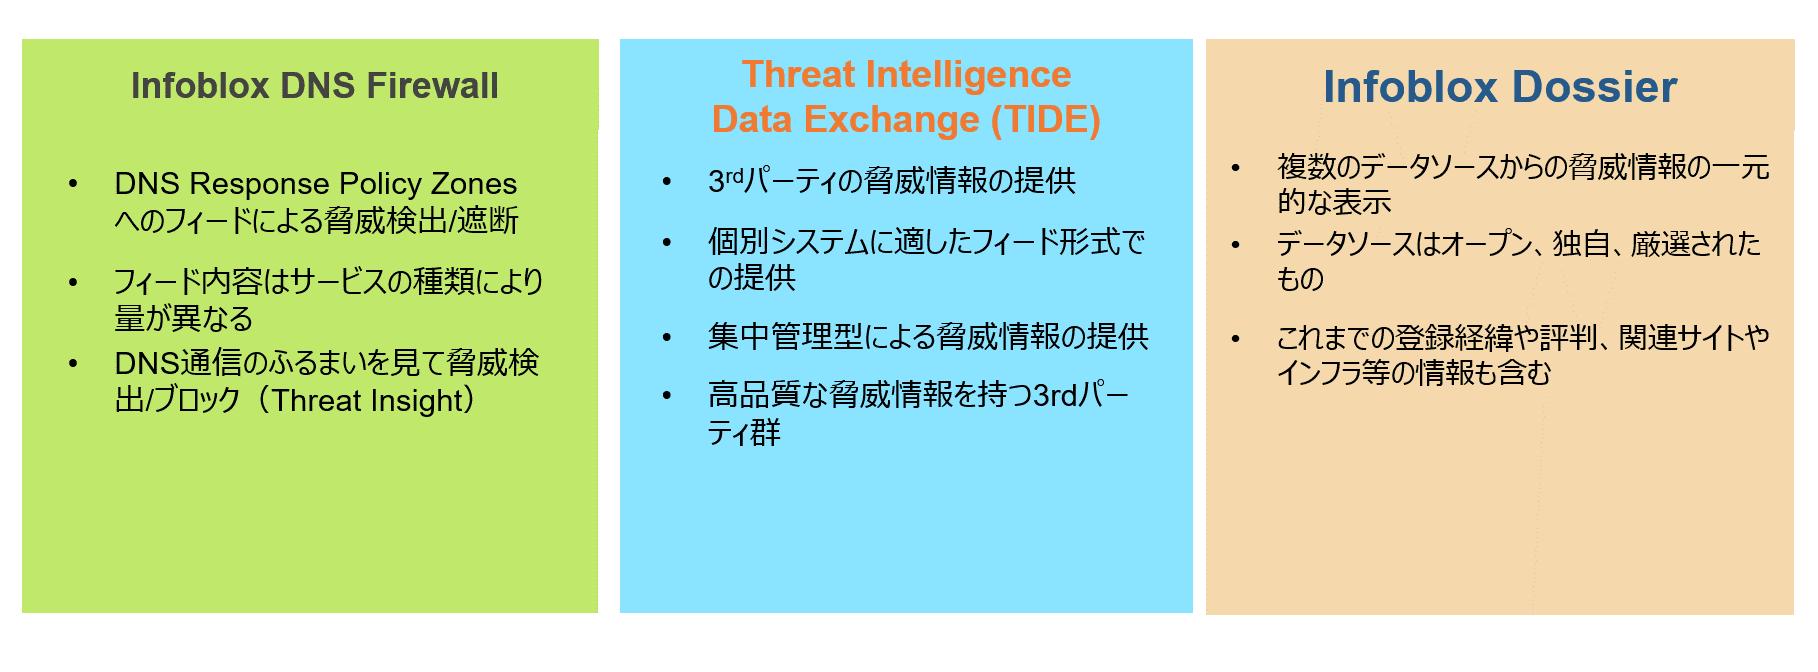 BloxOne Threat Defense コンポーネント